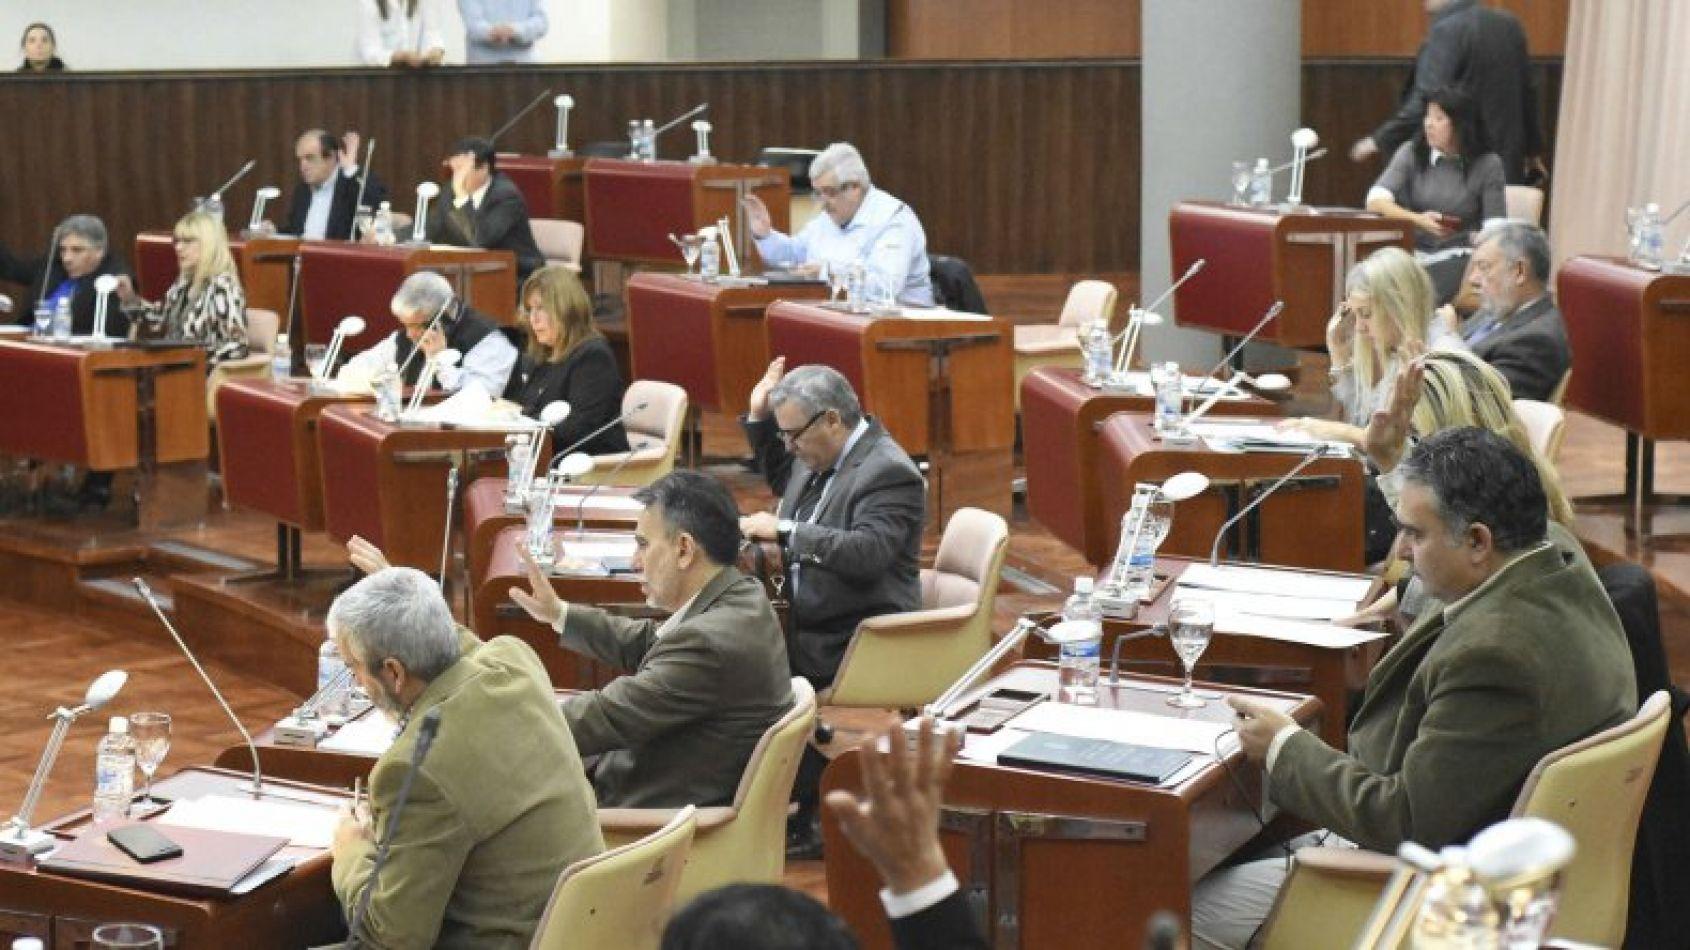 Se aprobó ayer por unanimidad la ley de Emergencia Comercial en la Legislatura de Chubut